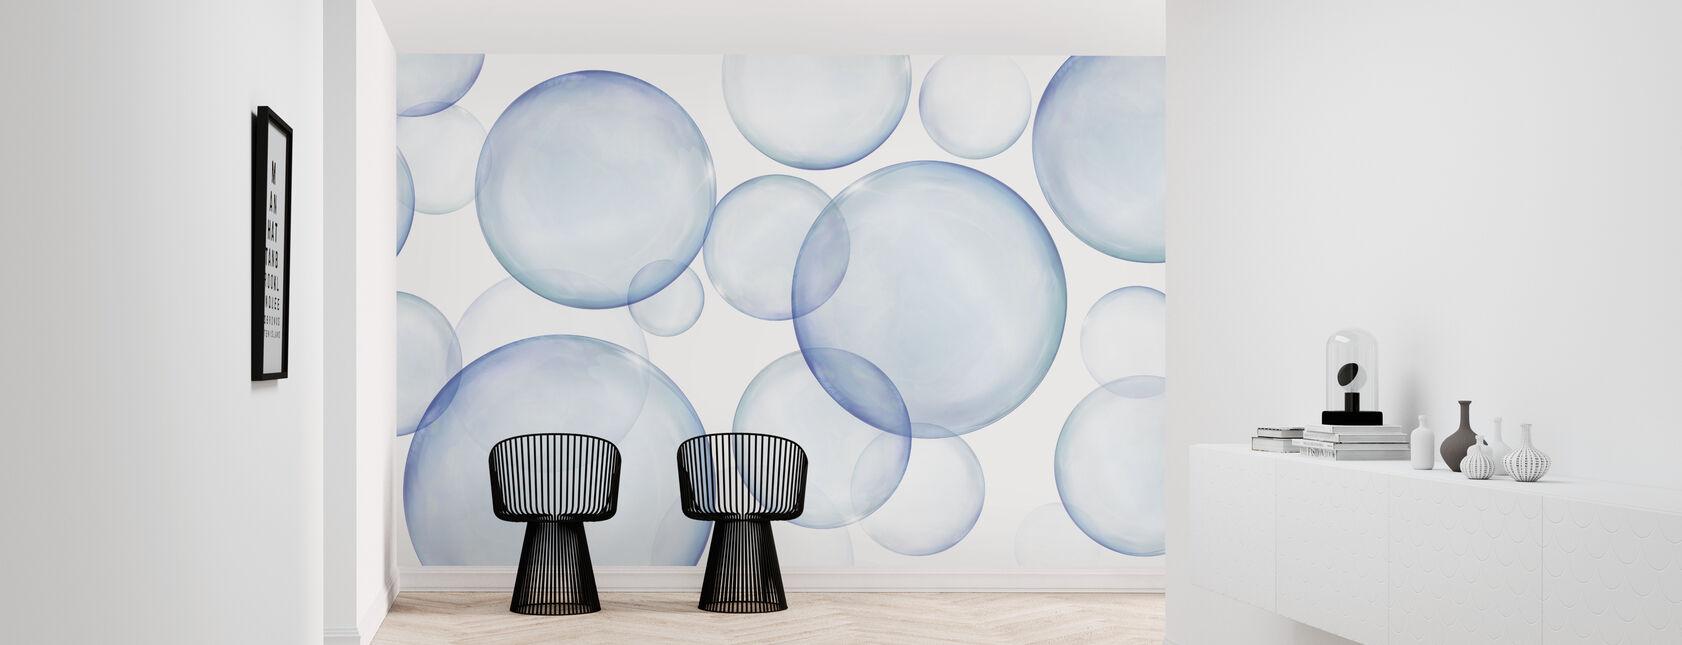 Rising Bubbles - Wallpaper - Hallway